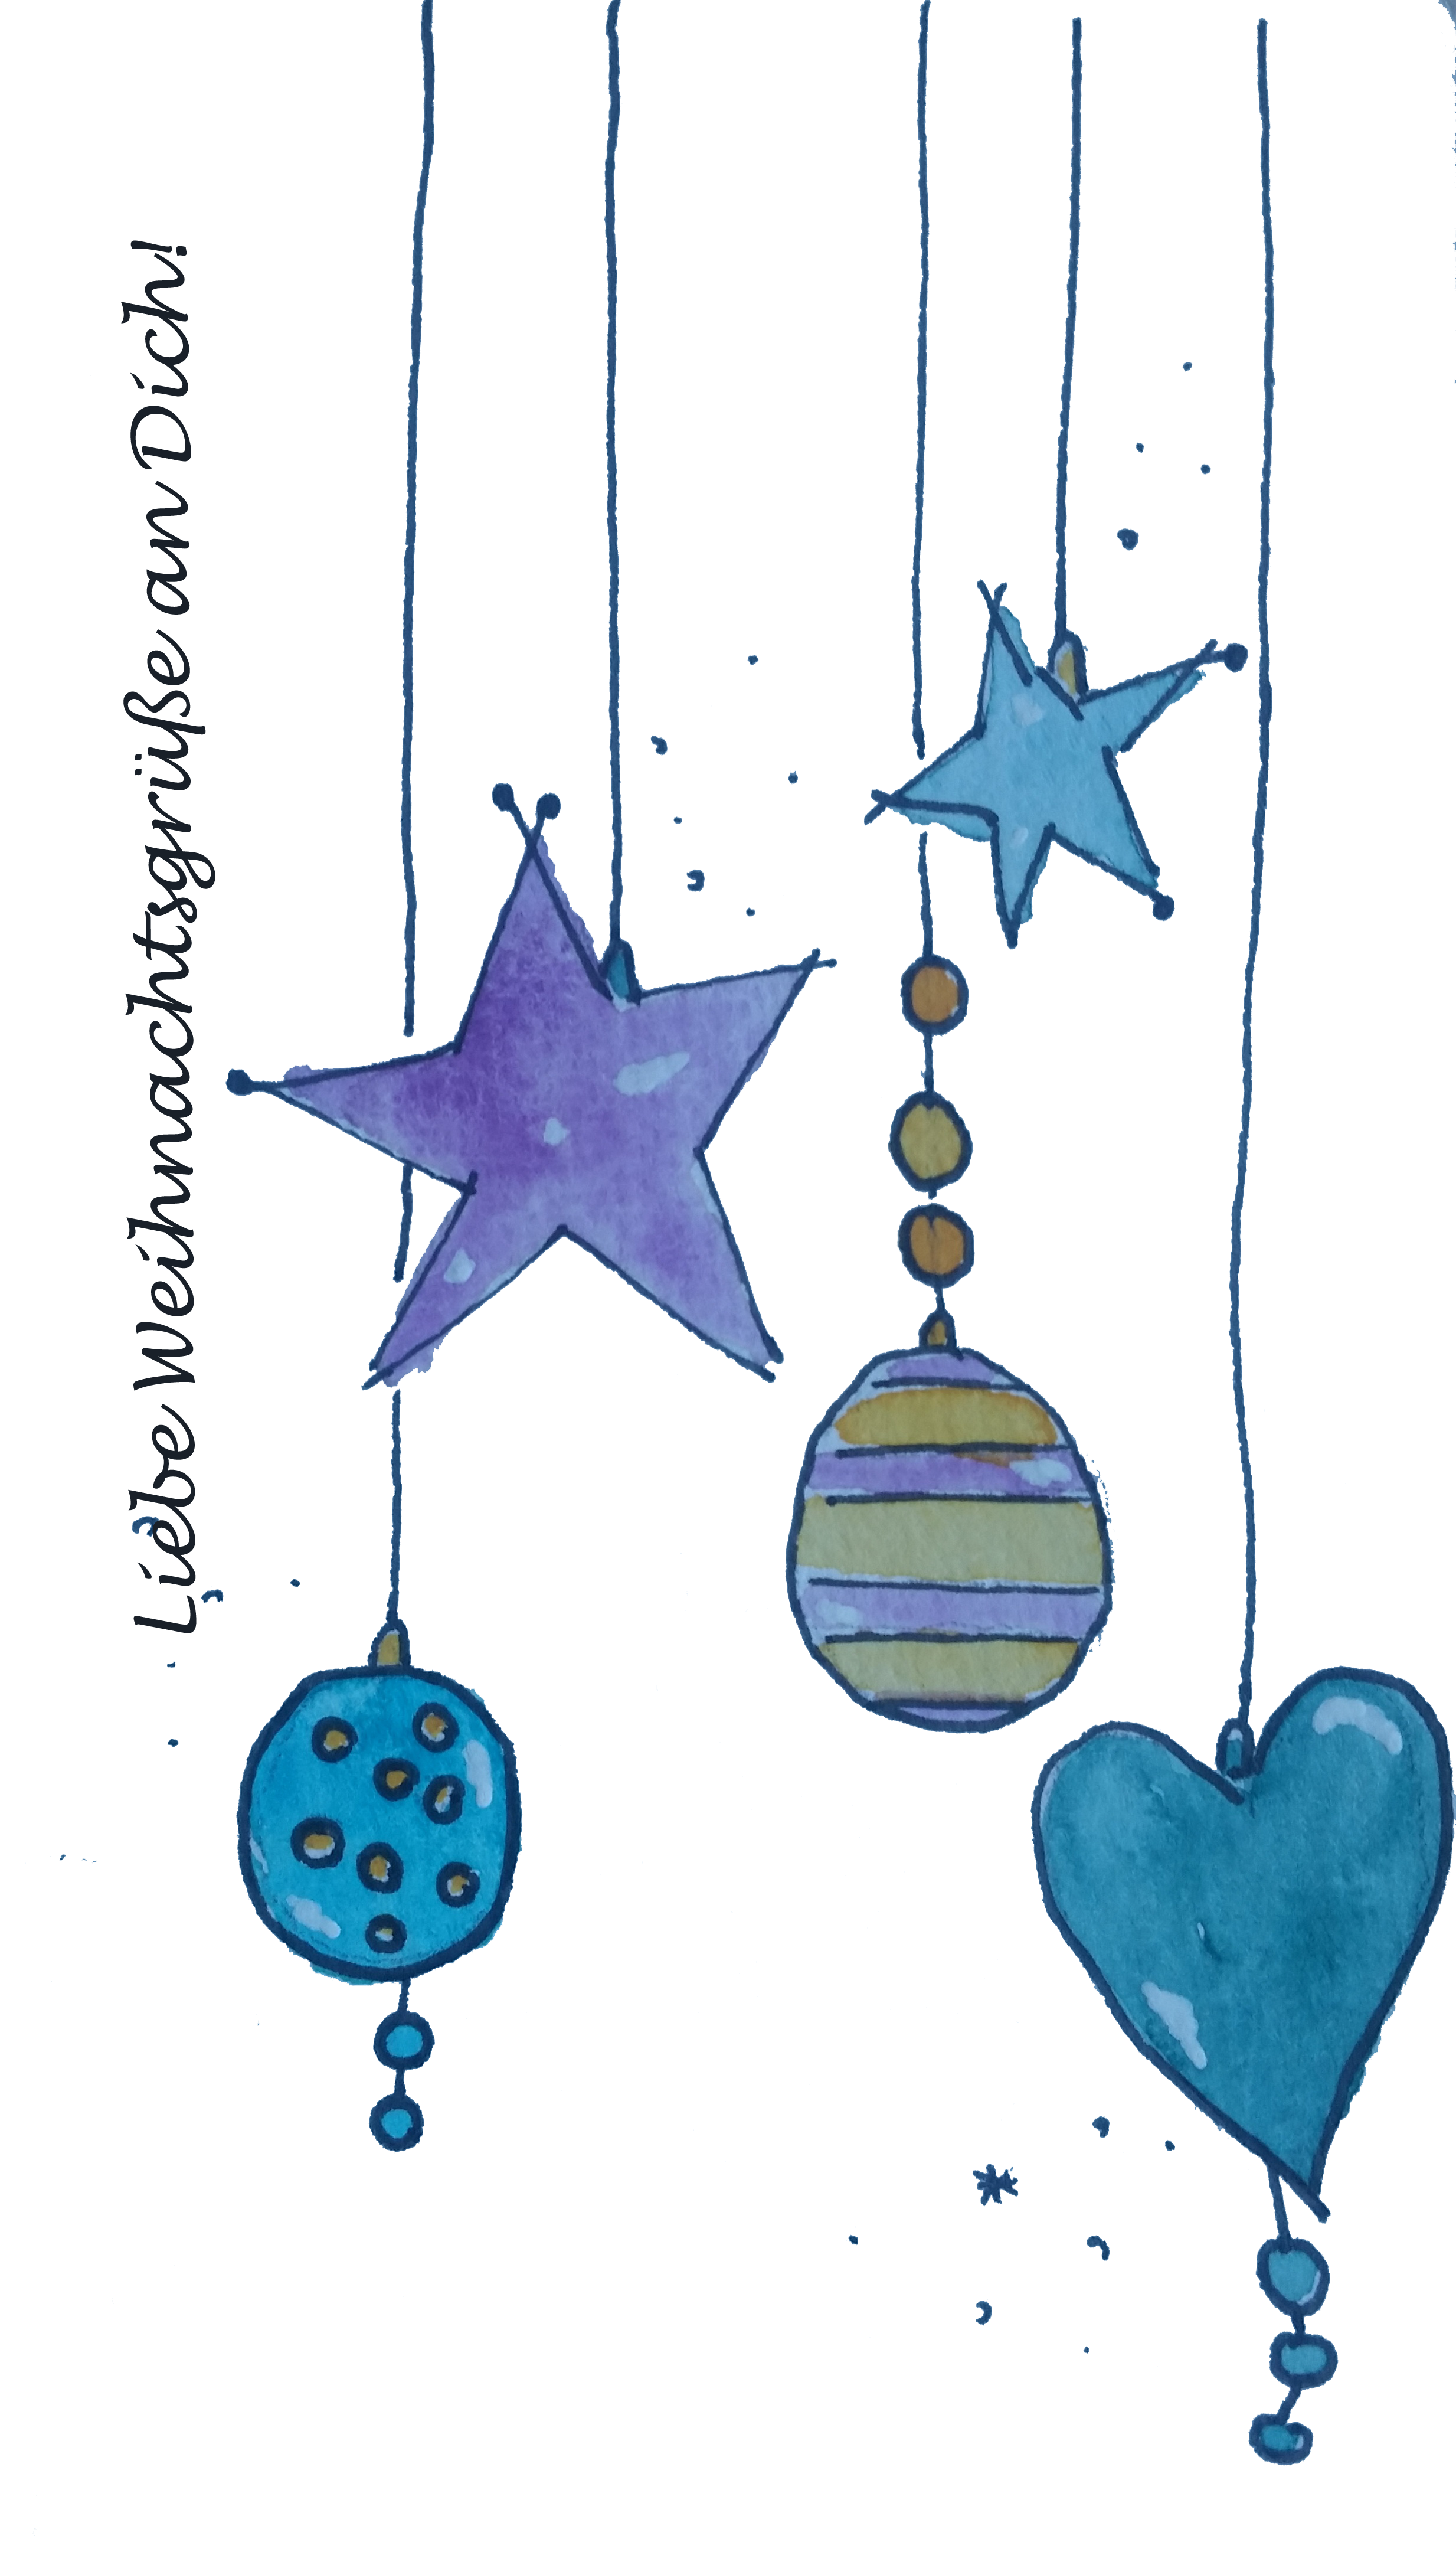 Weihnachtskarte Kugeln und Sterne